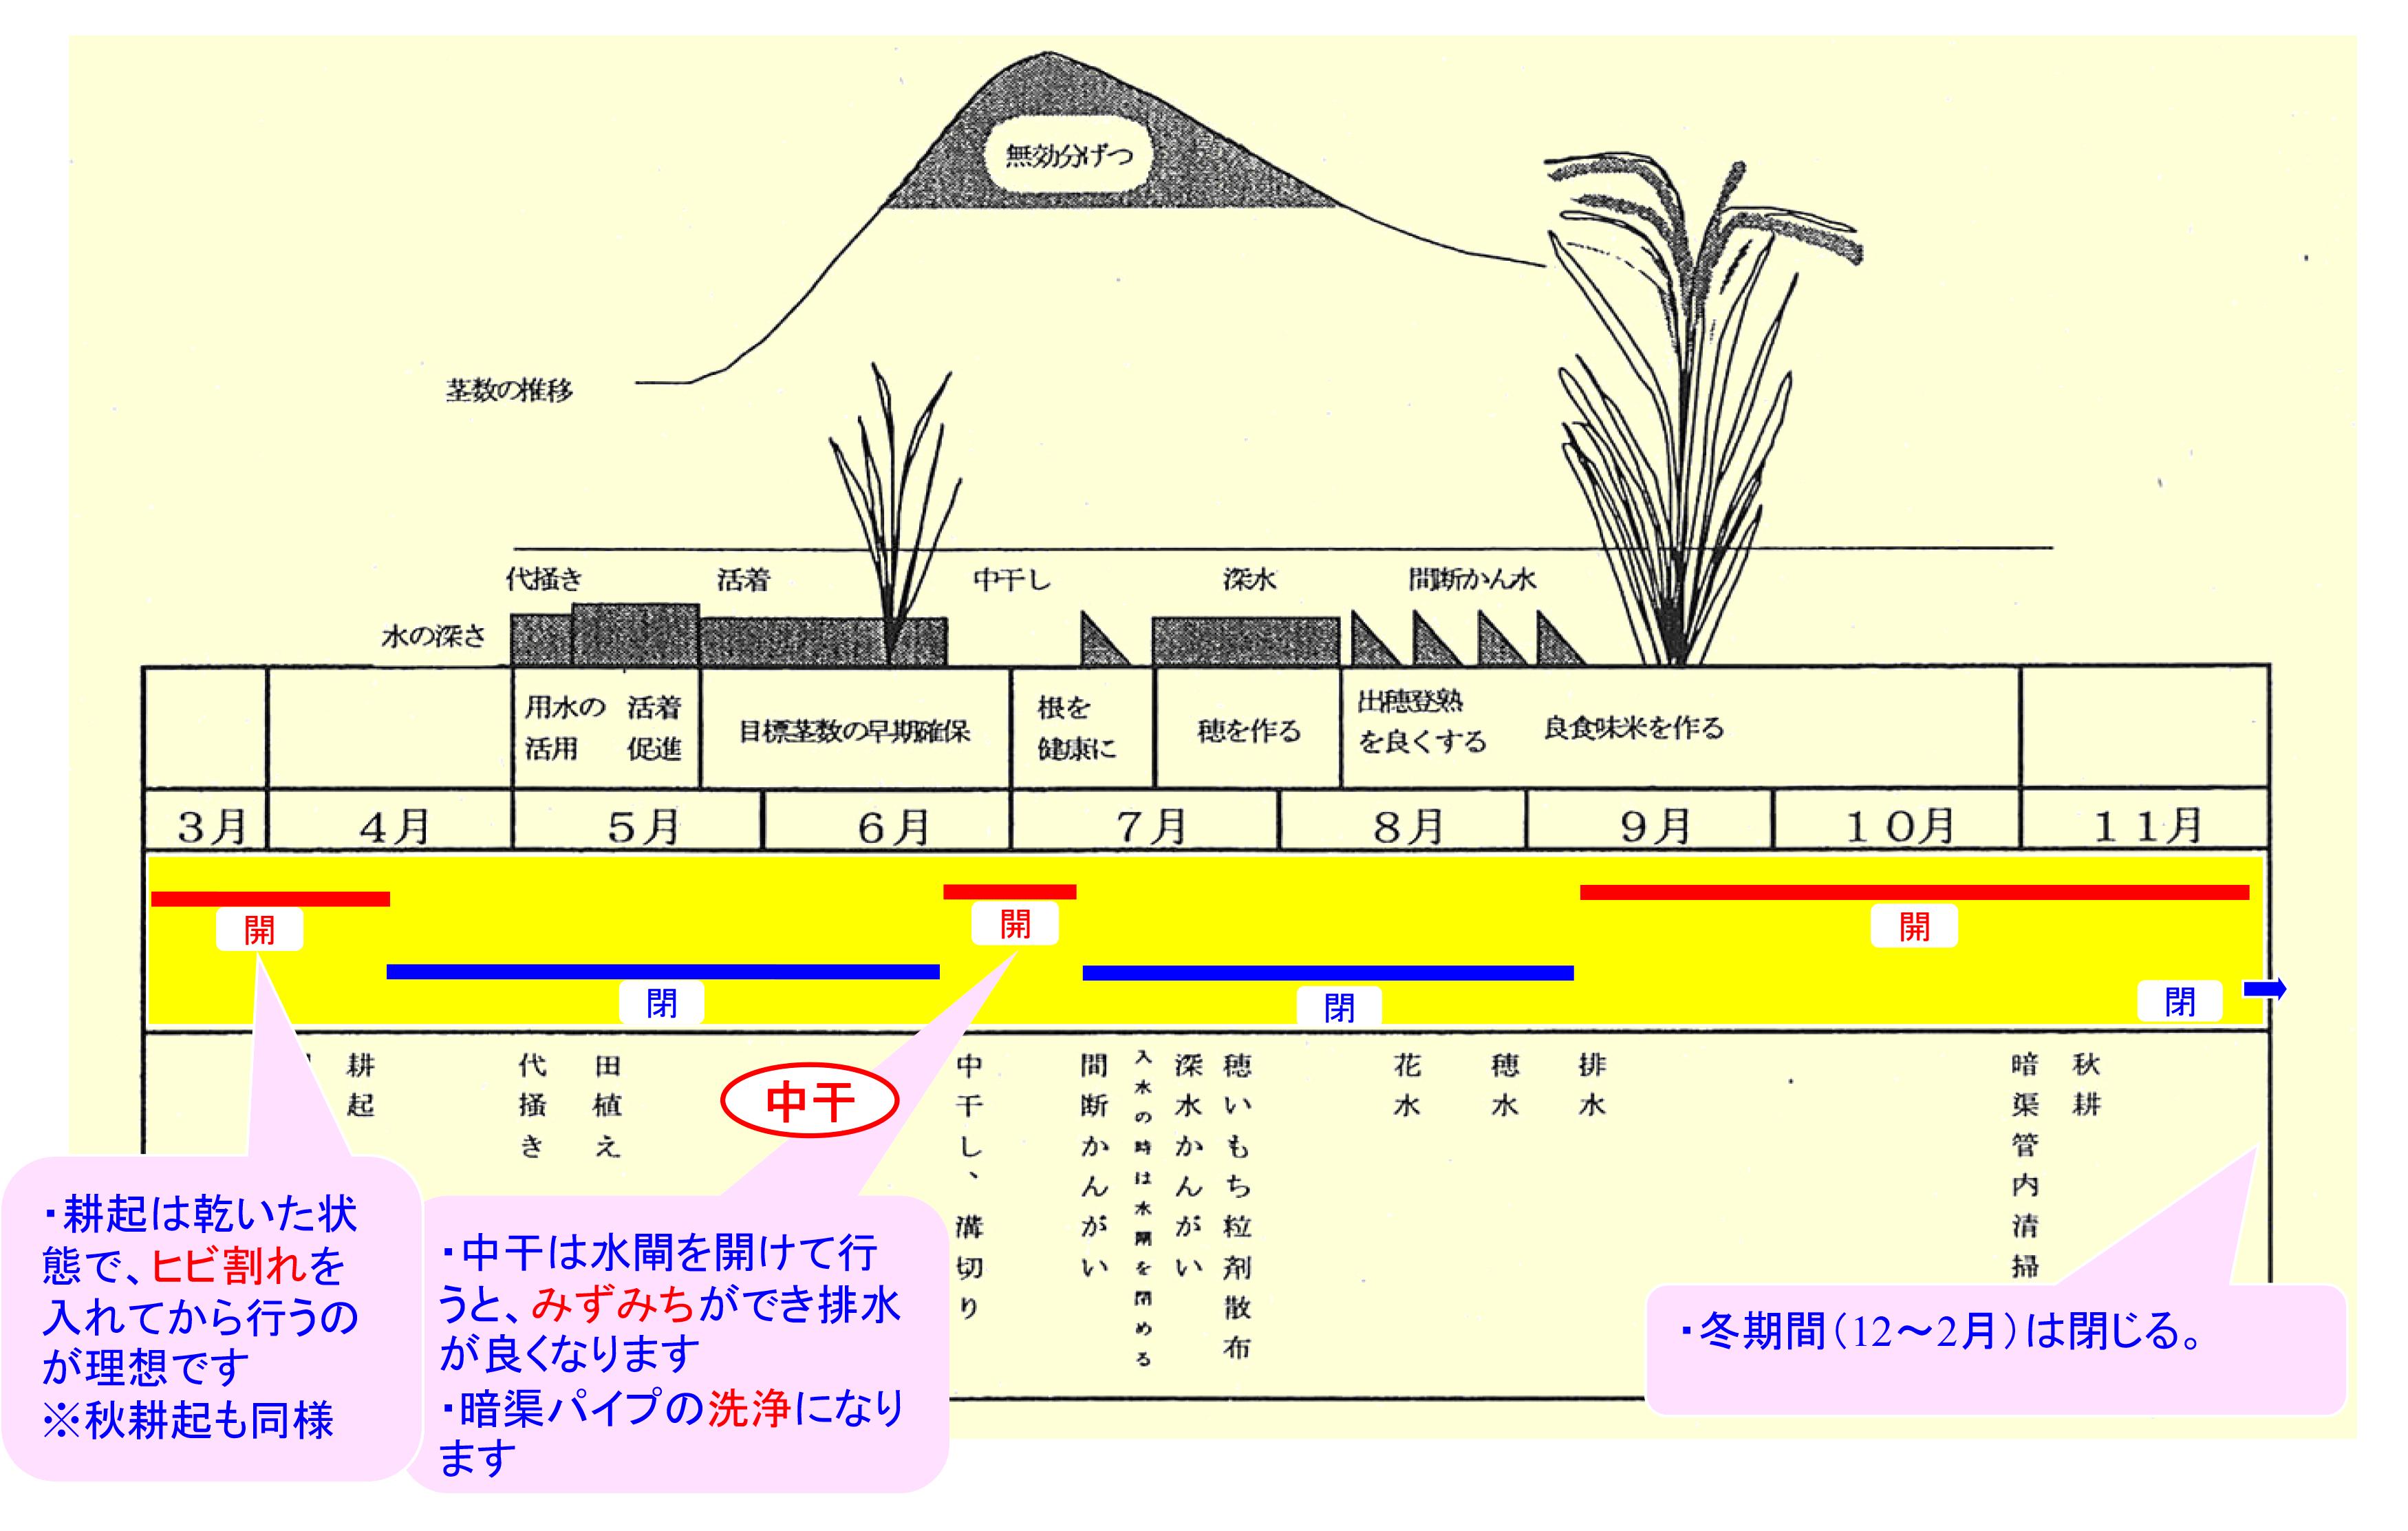 INKkouhouBIMG19